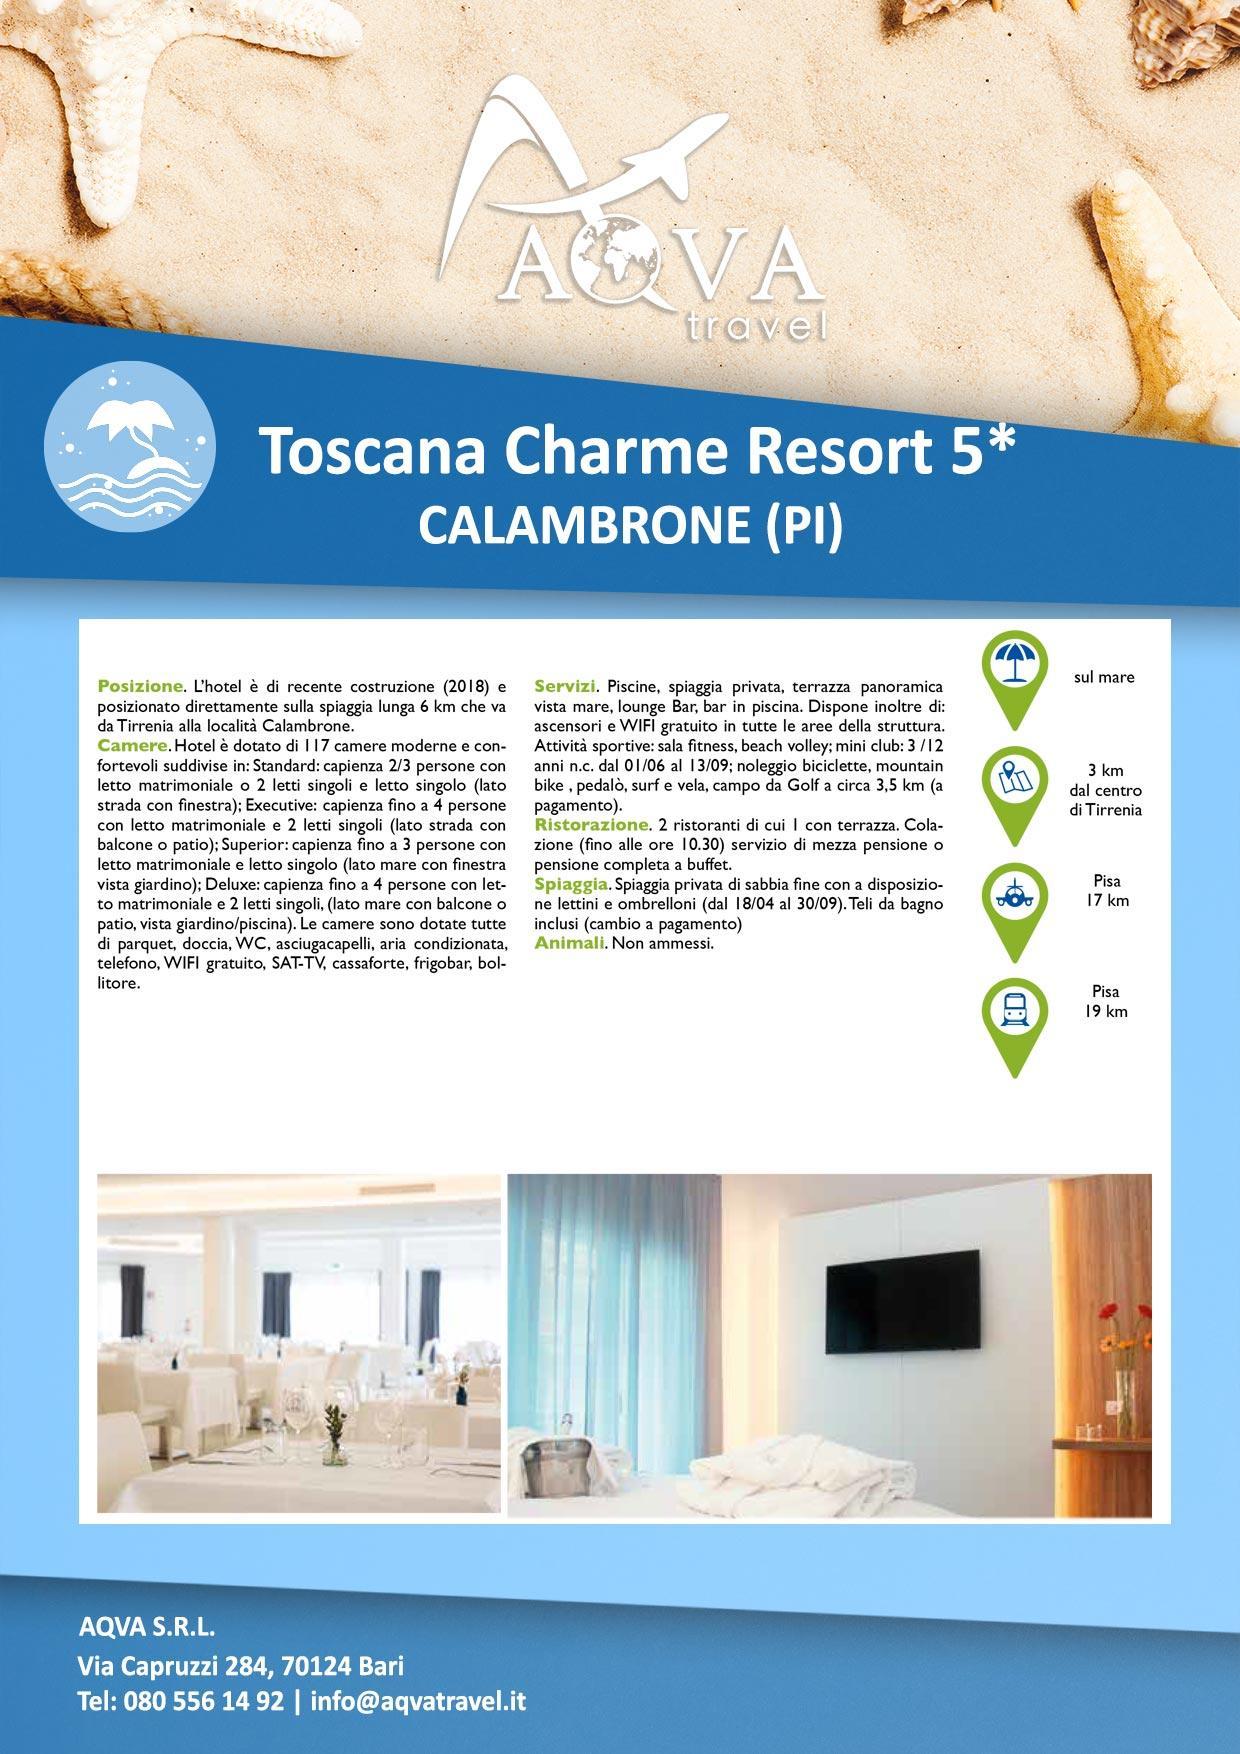 Toscana-Charme-Resort-5-CALAMBRONE-(PI)-Mare-offerte-agenzia-di-viaggi-Bari-AQVATRAVEL-it